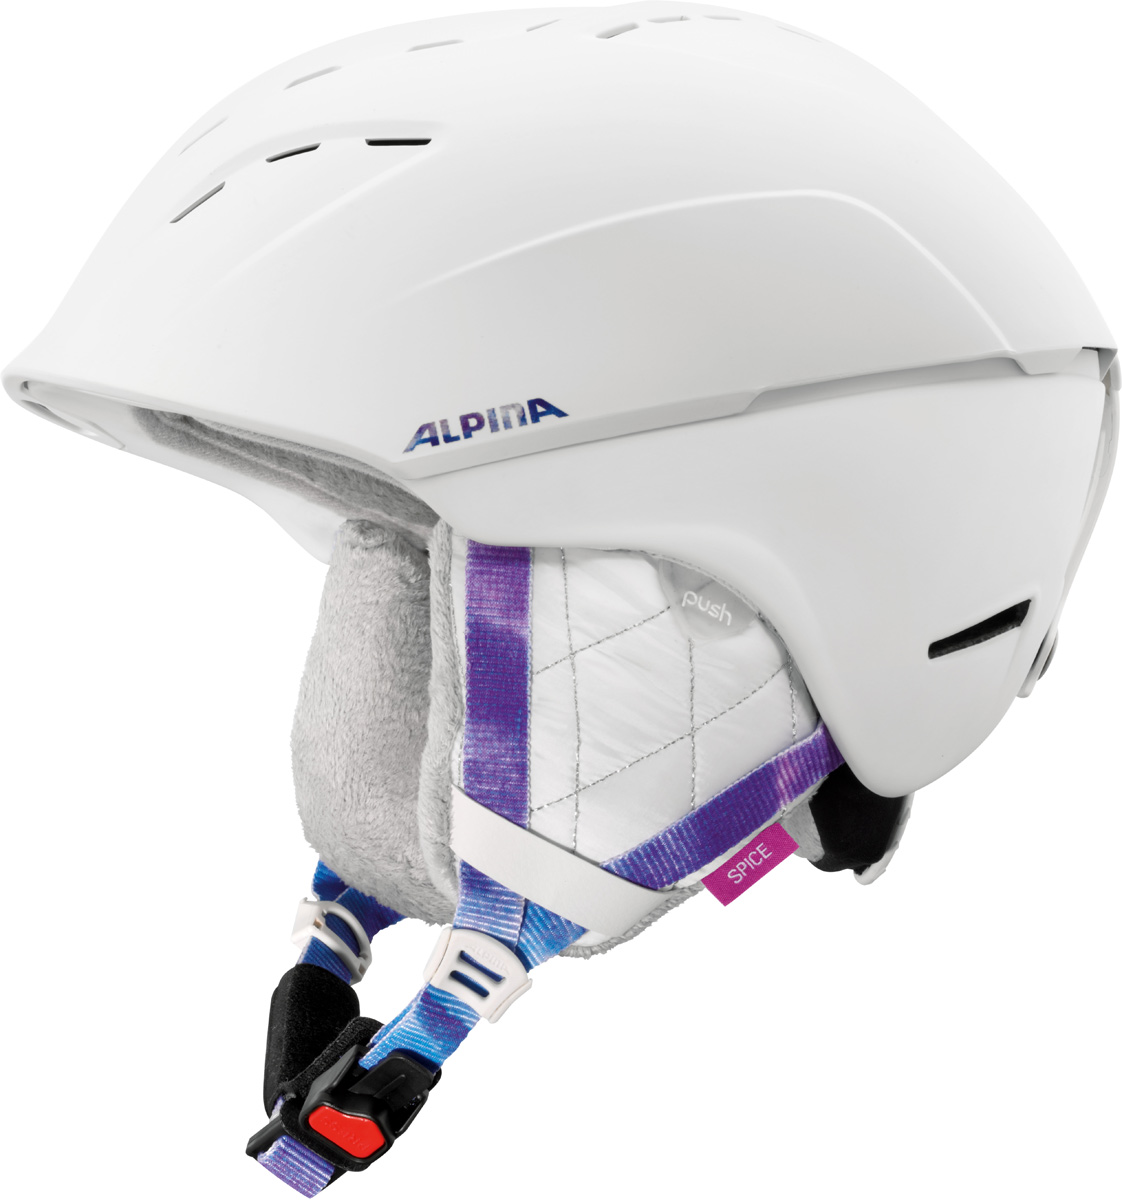 Шлем горнолыжный Alpina  Spice , цвет: белый. A9067_14. Размер 52-56 - Горные лыжи